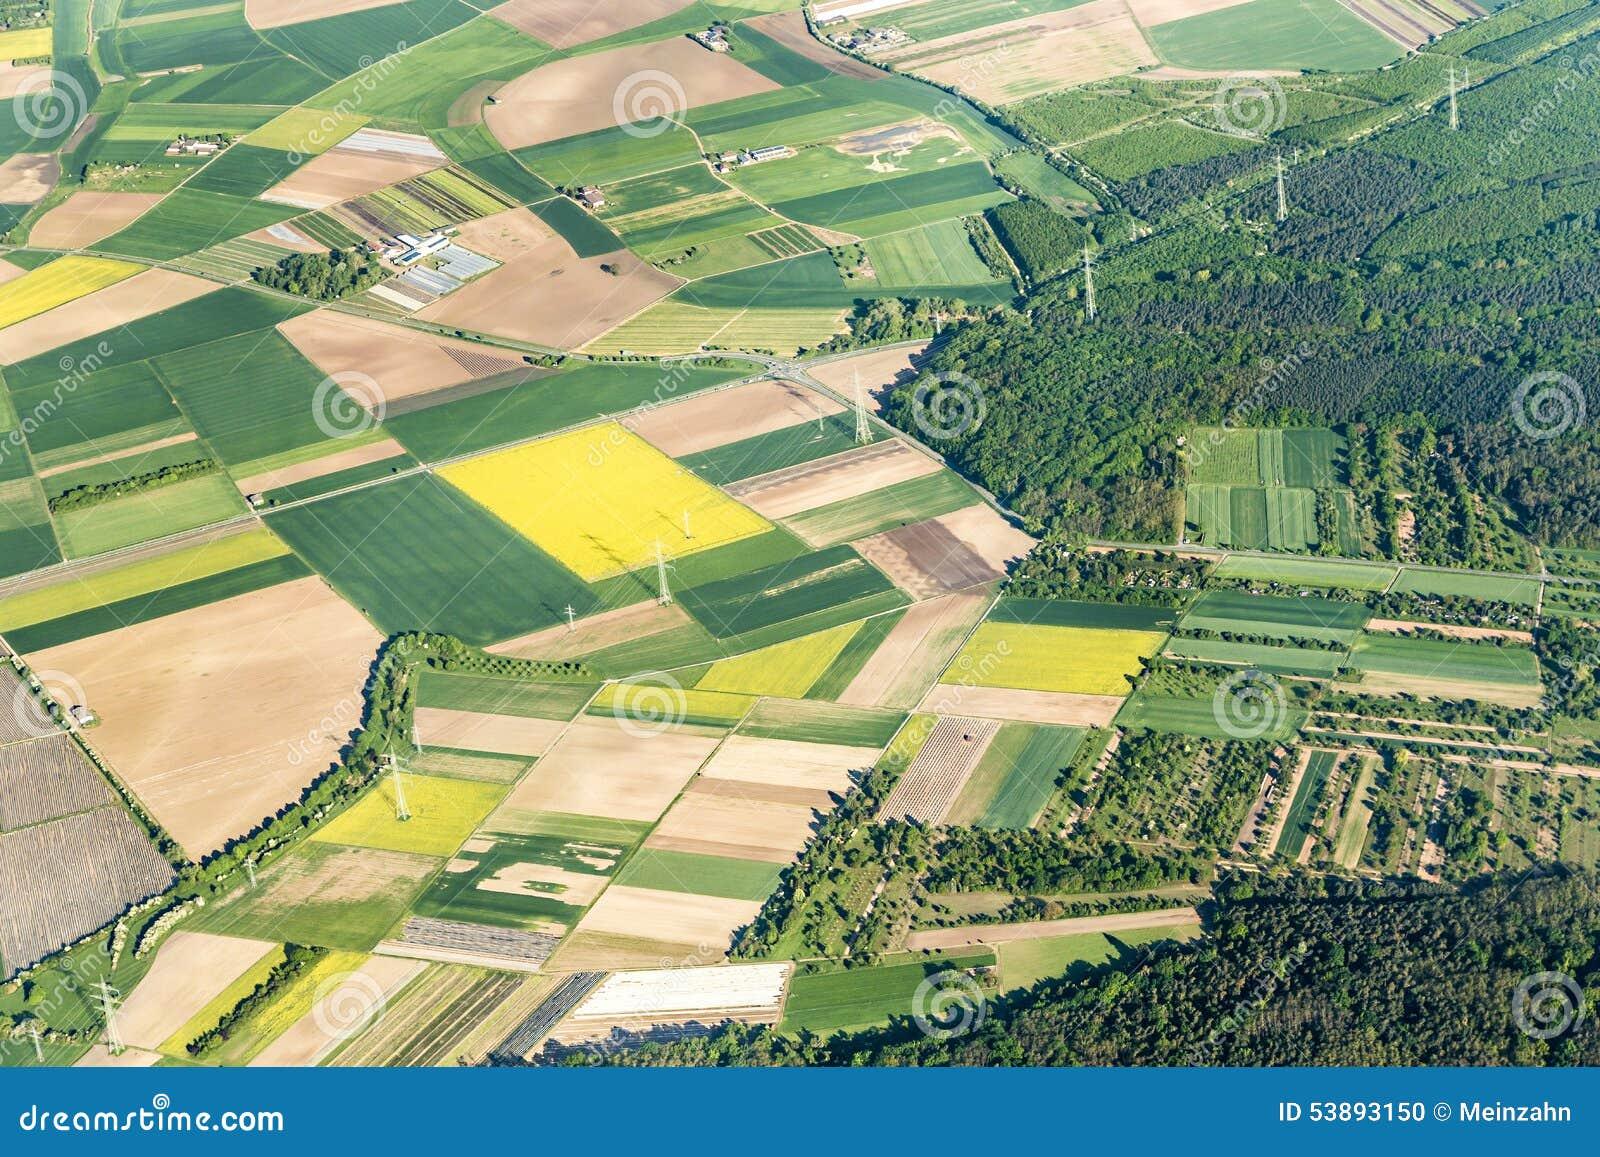 germanys growing urban rural sp - HD1300×957